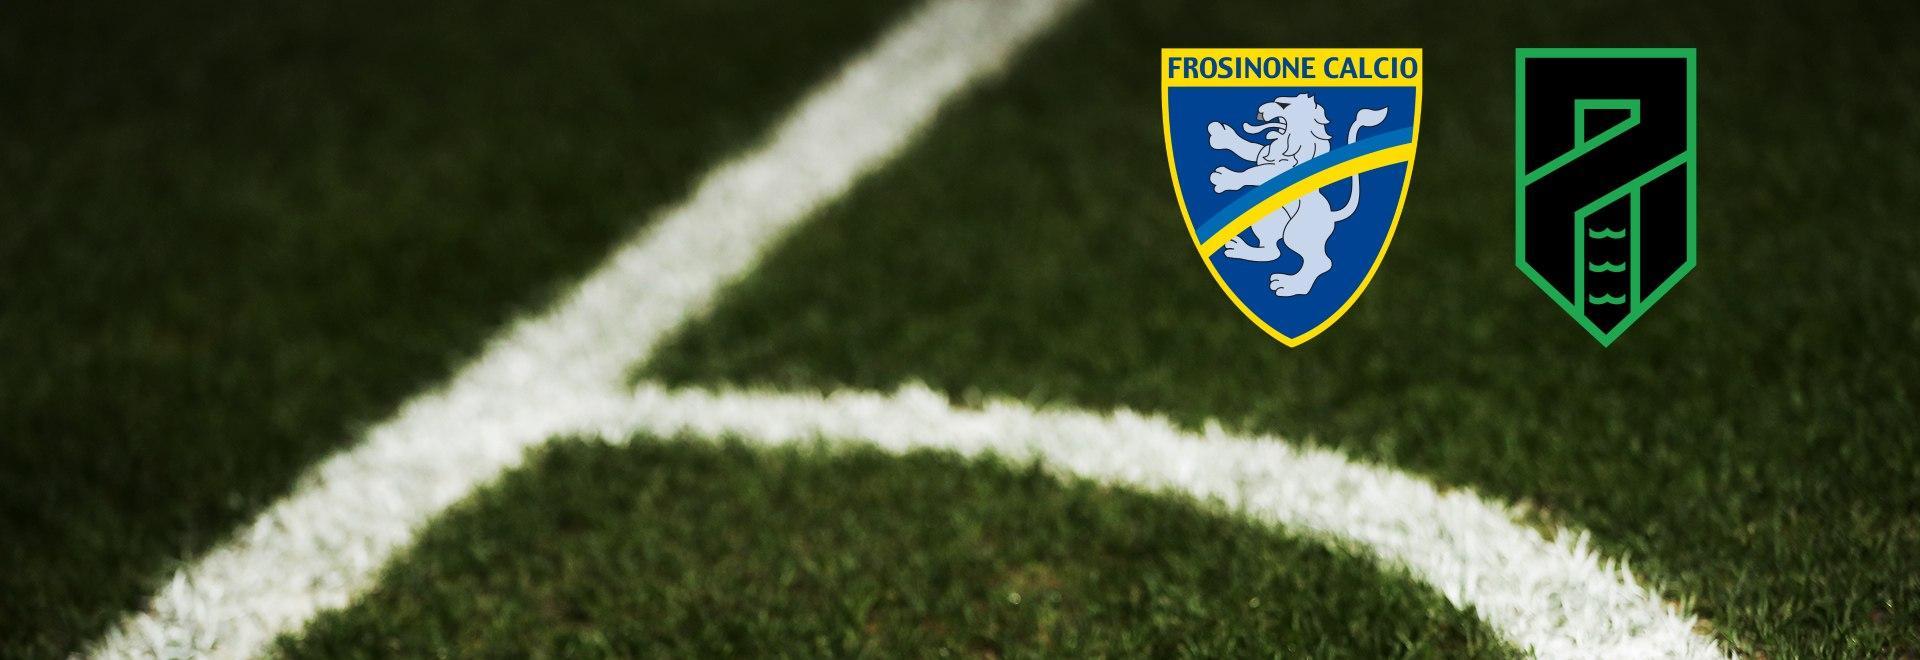 Frosinone - Pordenone. 20a g.